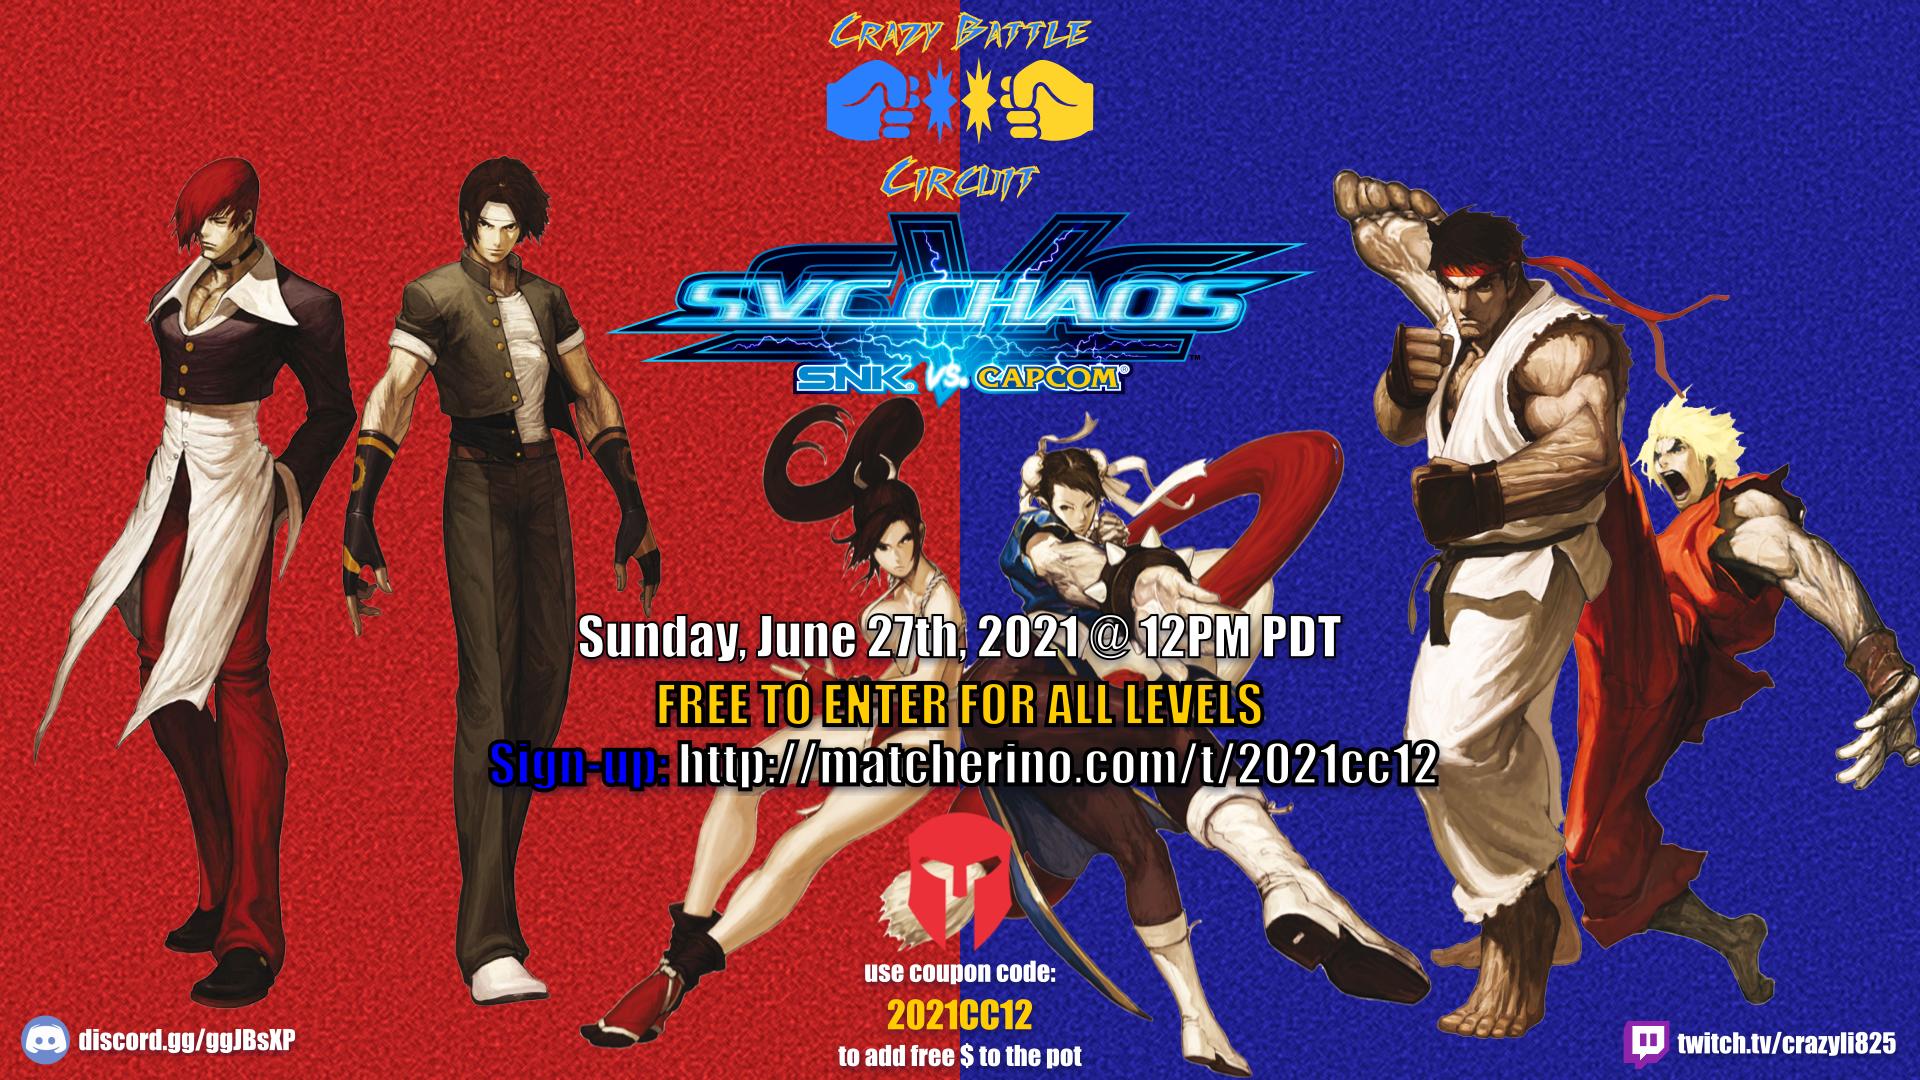 2021 CBC SVC tournament flier